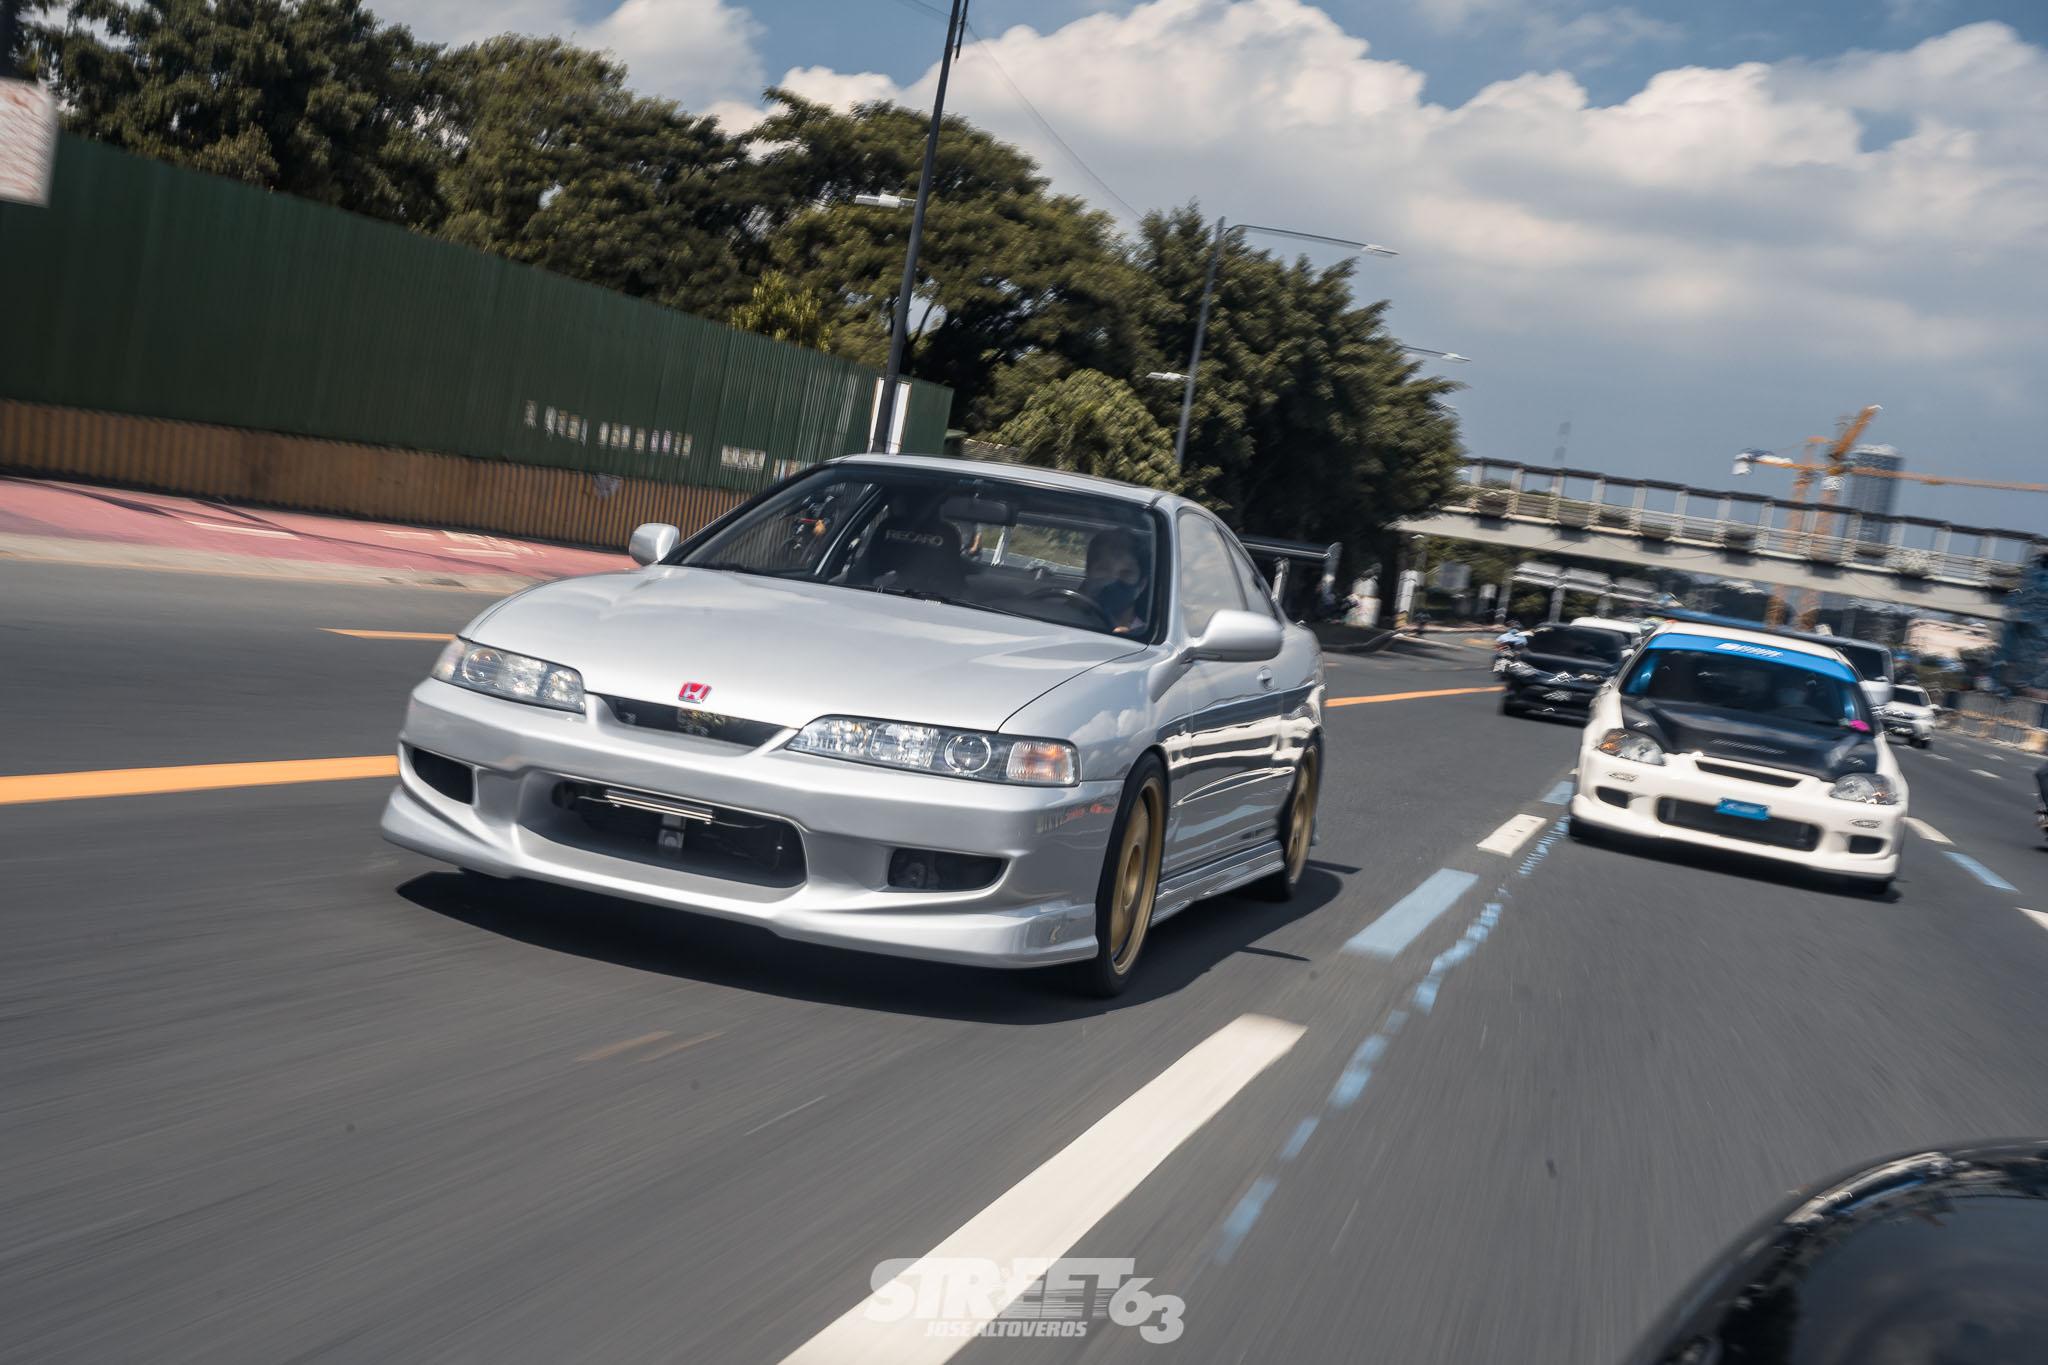 Honda 13